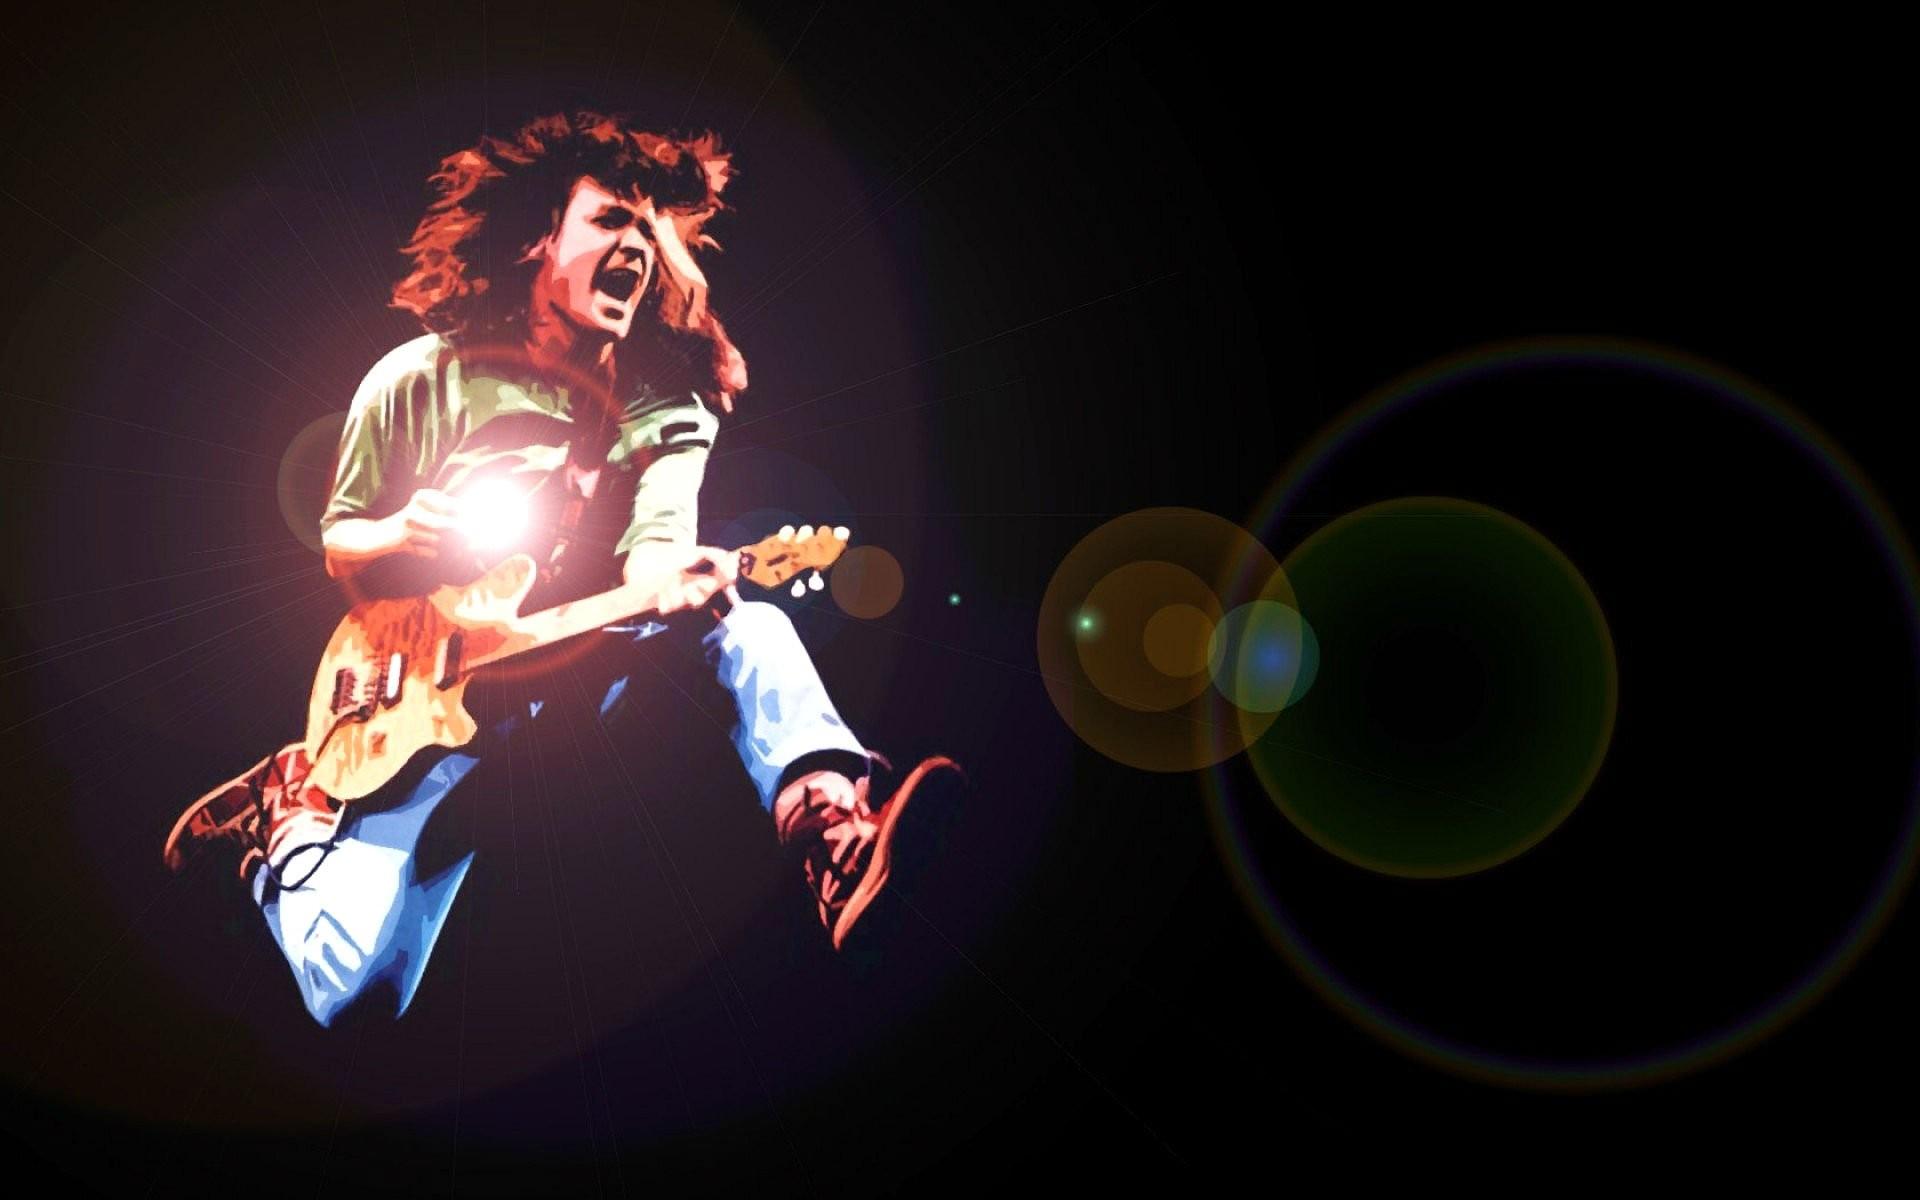 Eddie Van Halen iPhone Wallpaper (51+ images)